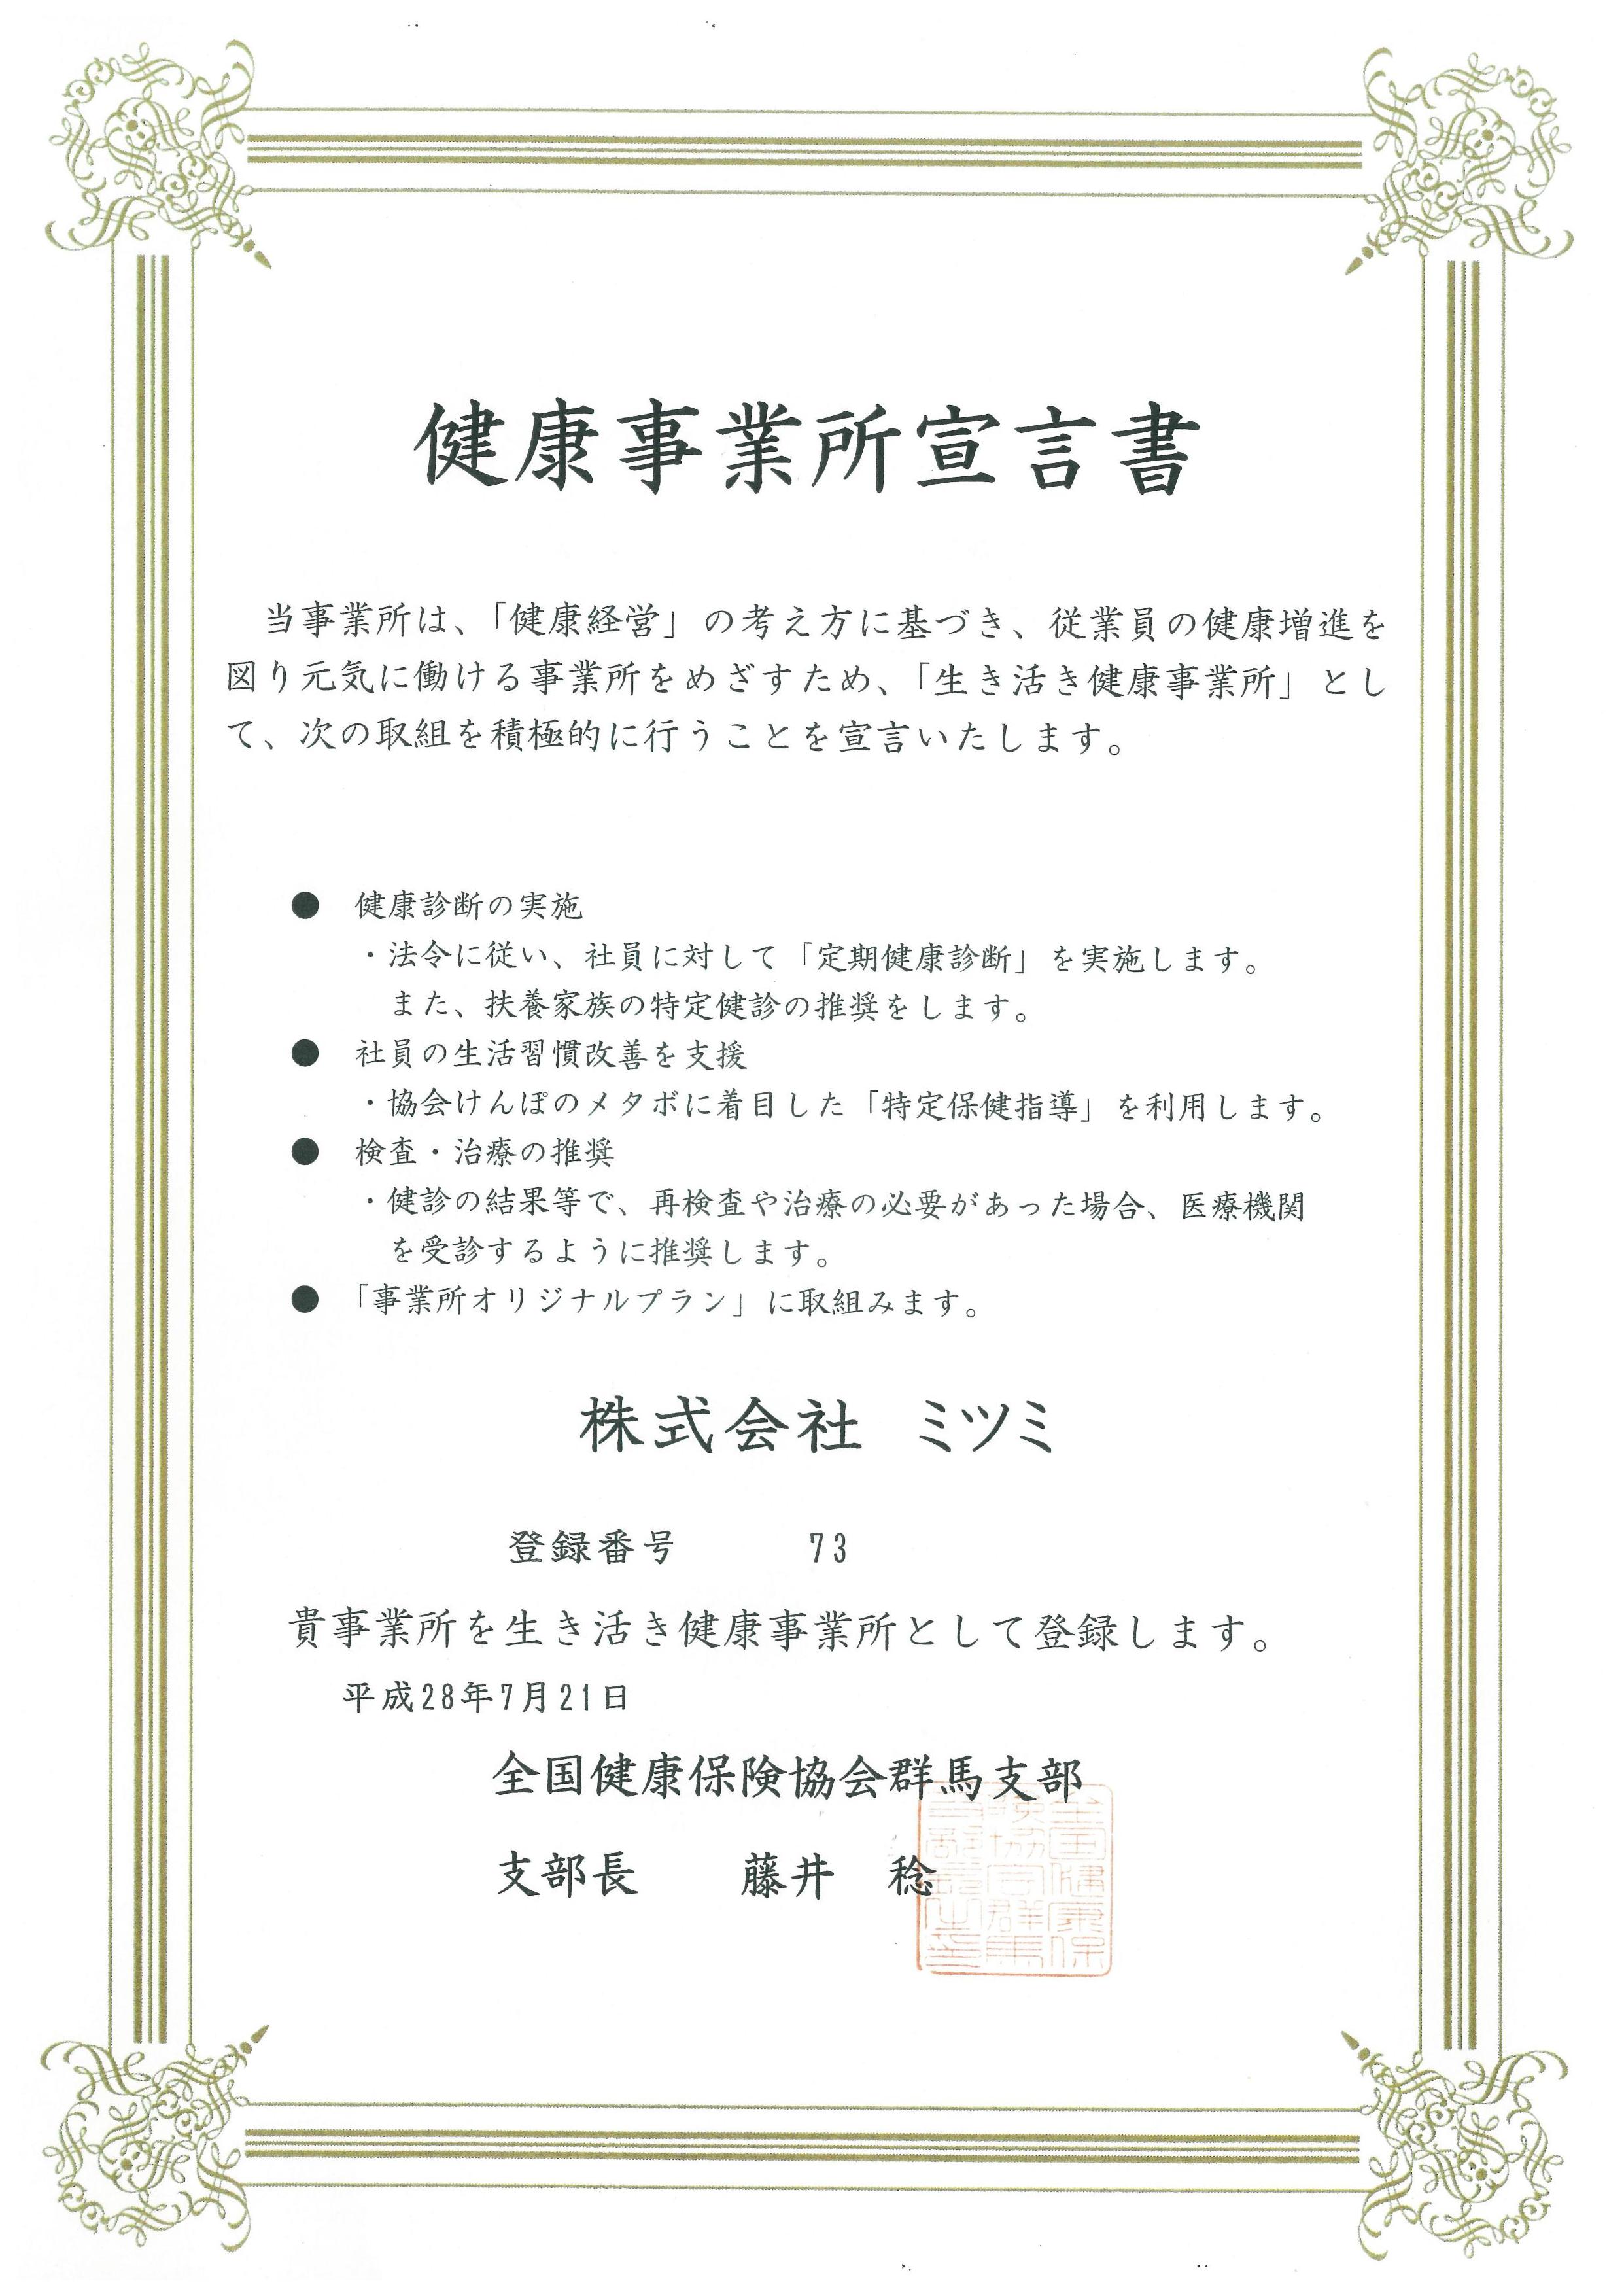 健康事業所宣言書